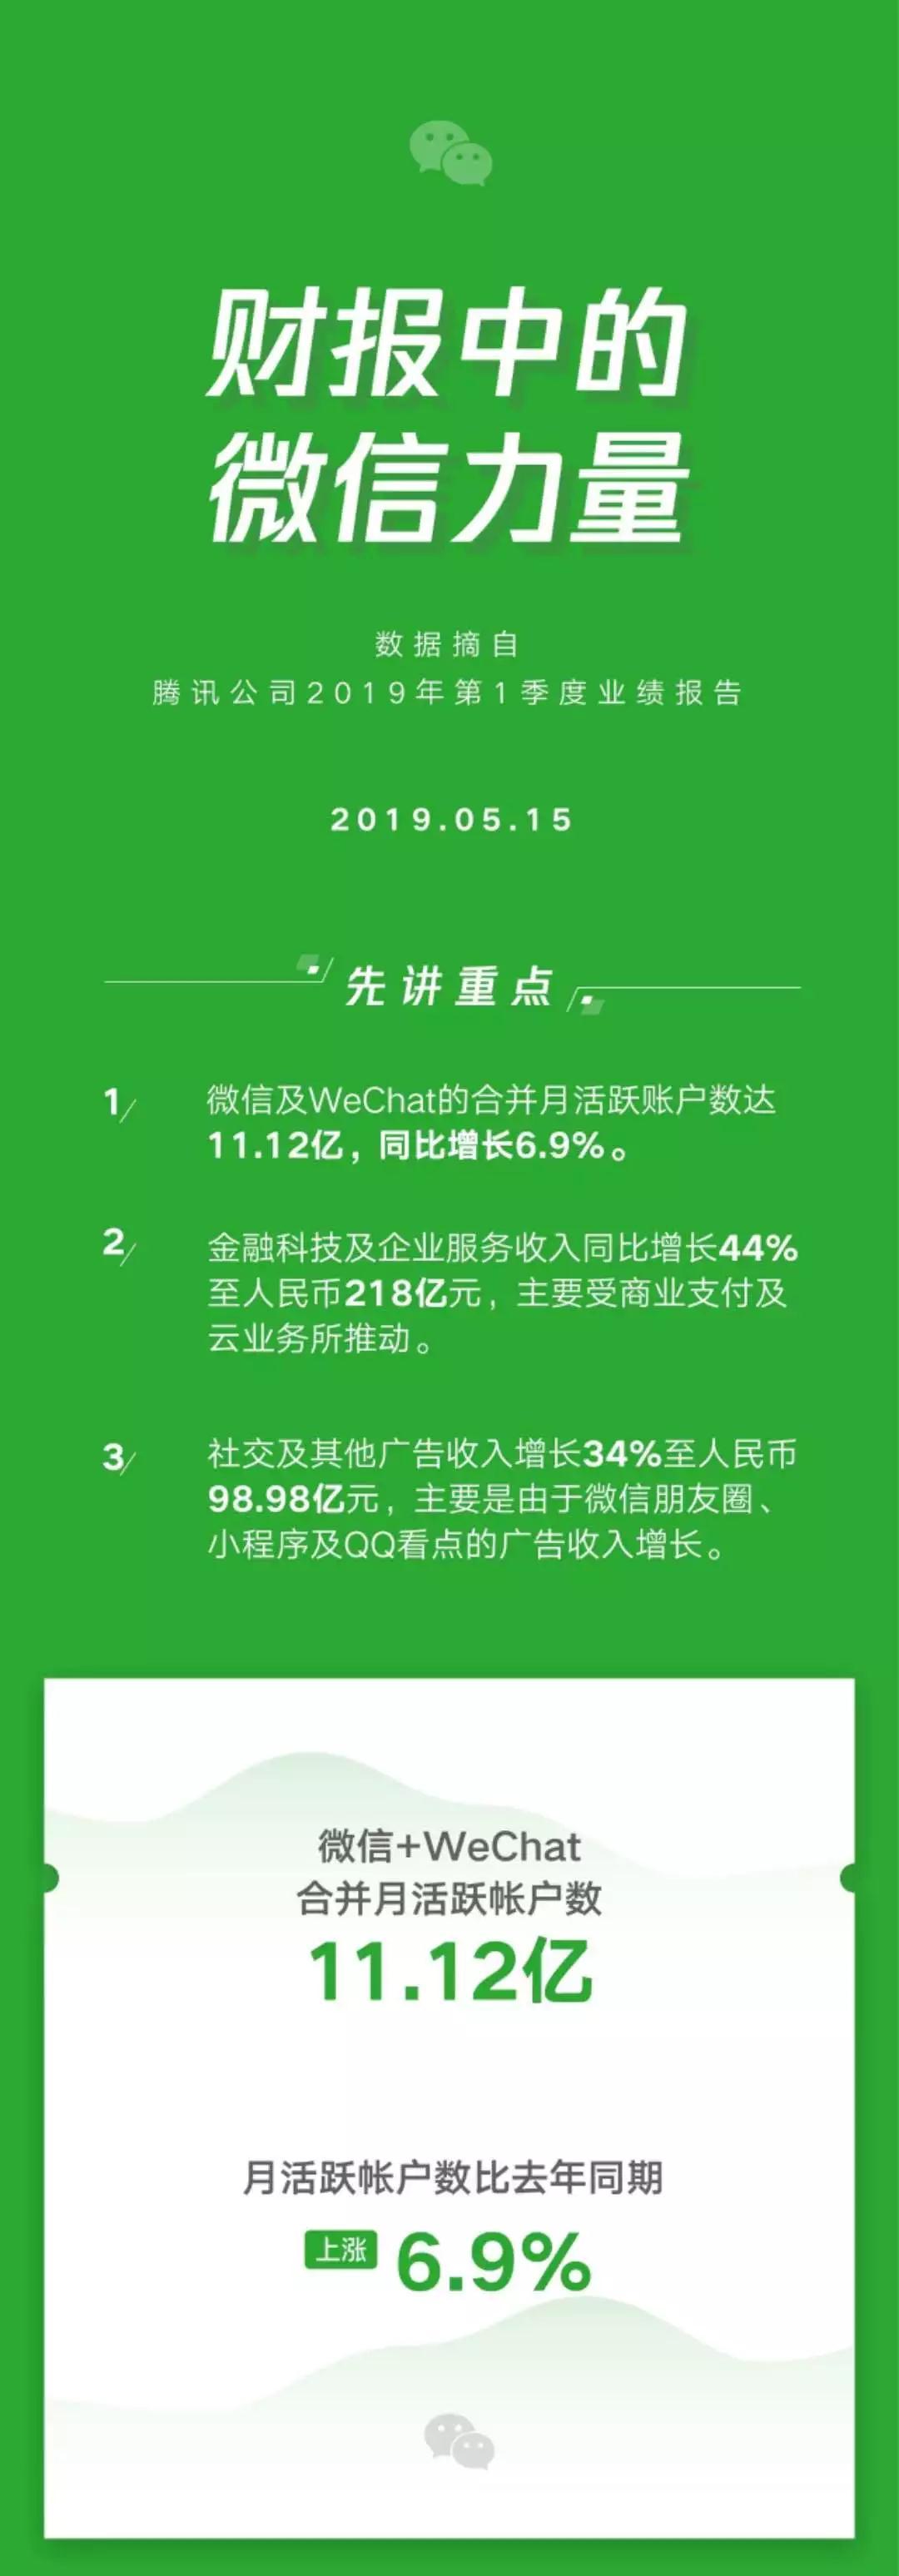 淘礼金权限再次开放申请;微信用户突破11亿